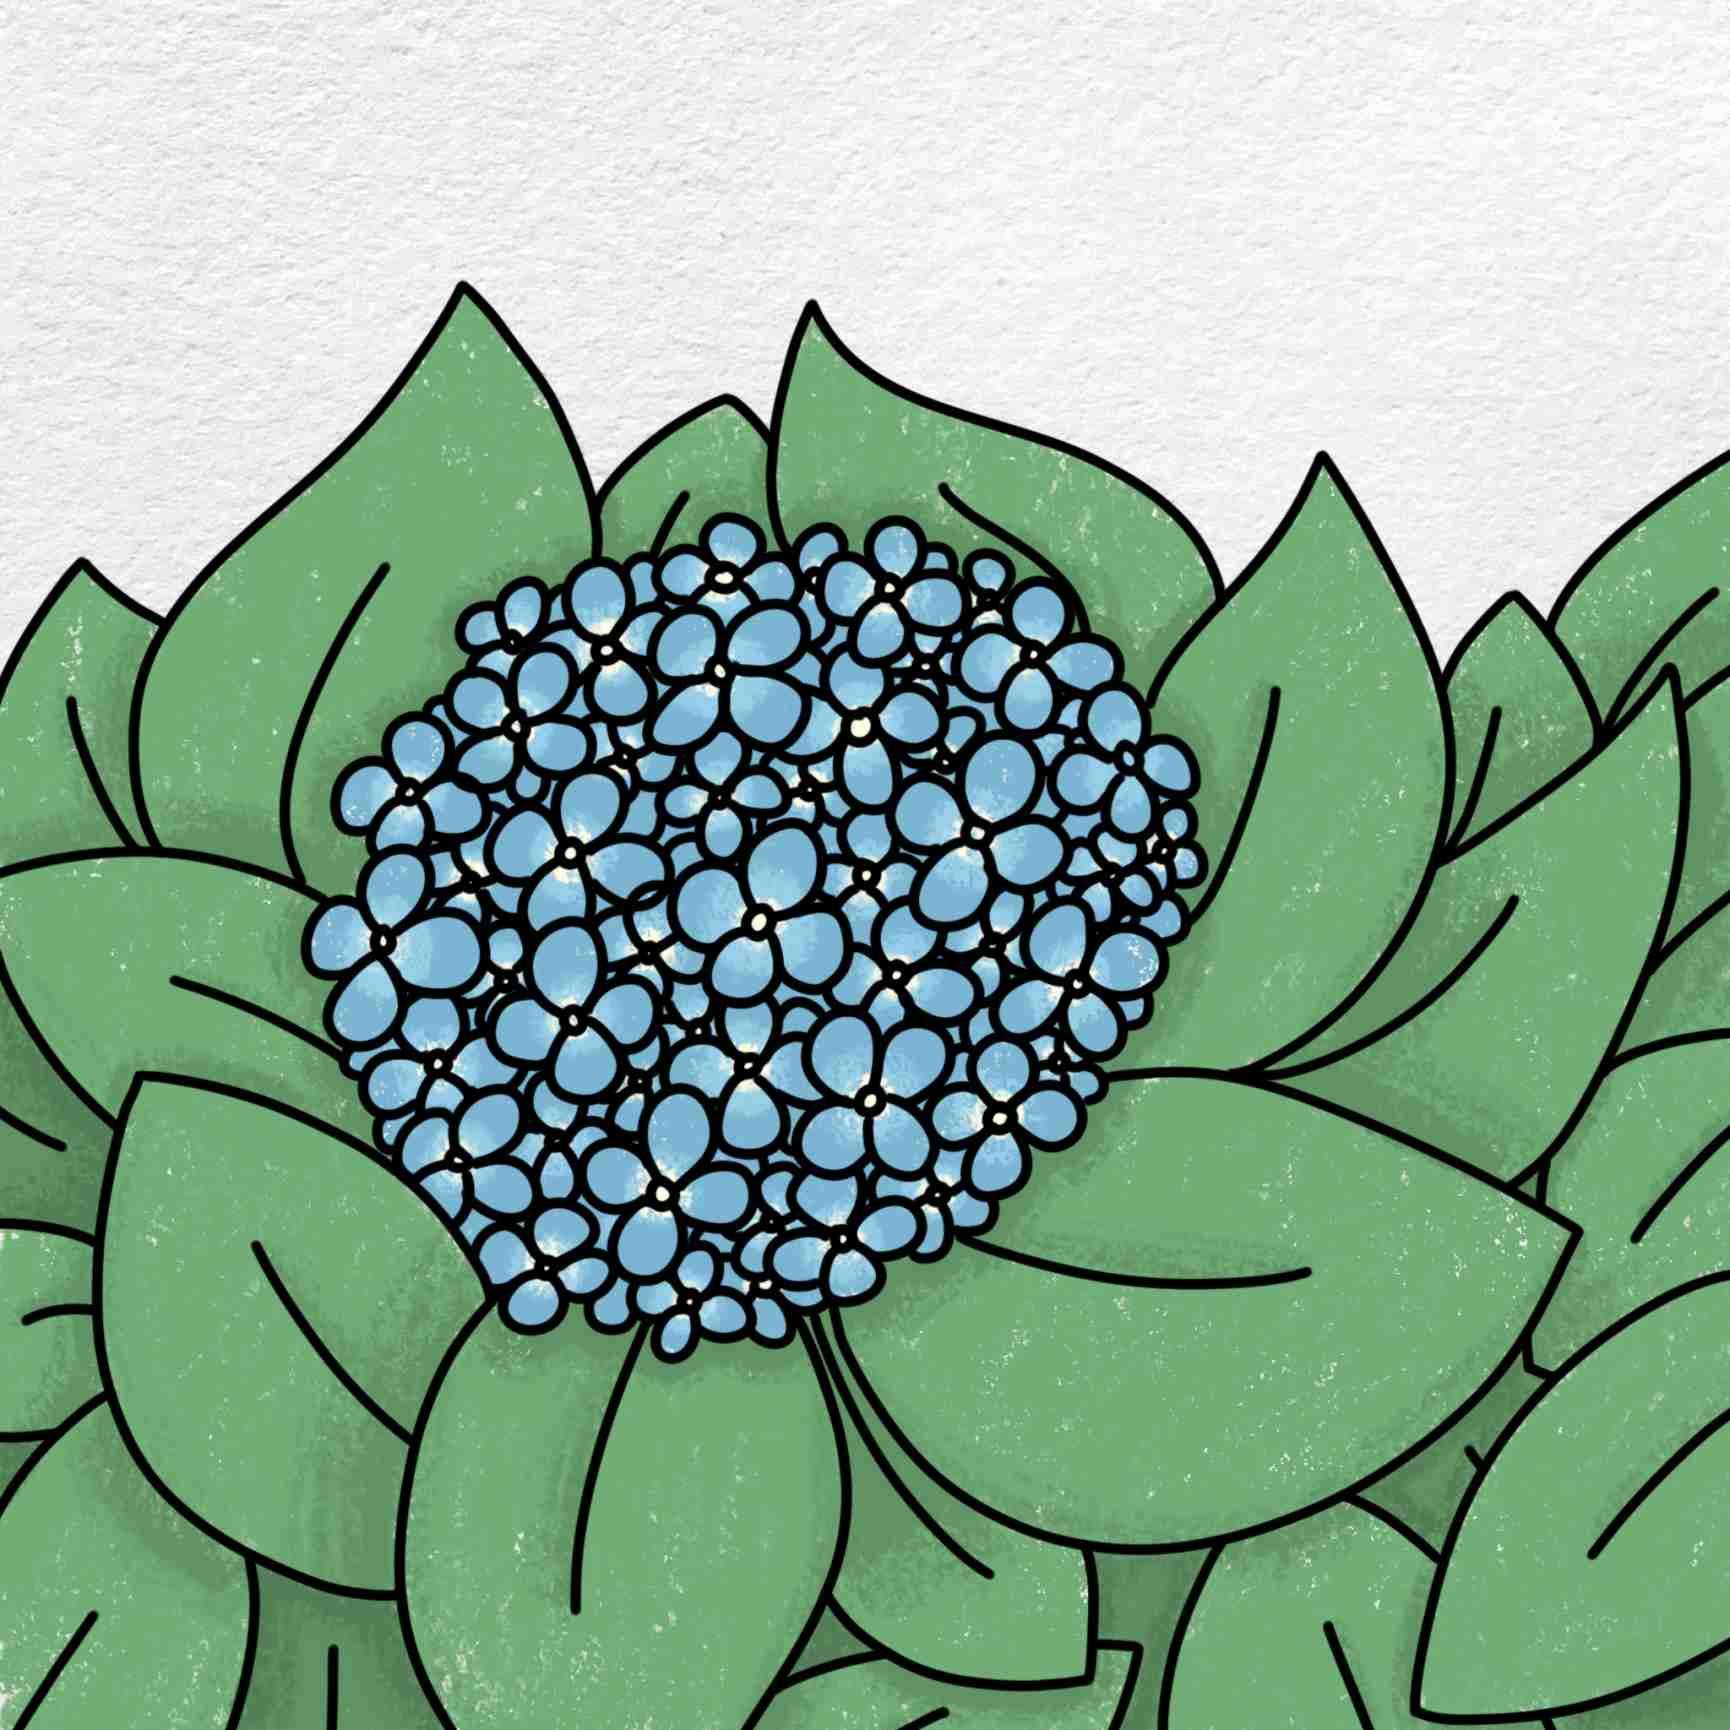 How To Draw Hydrangea: Step 6